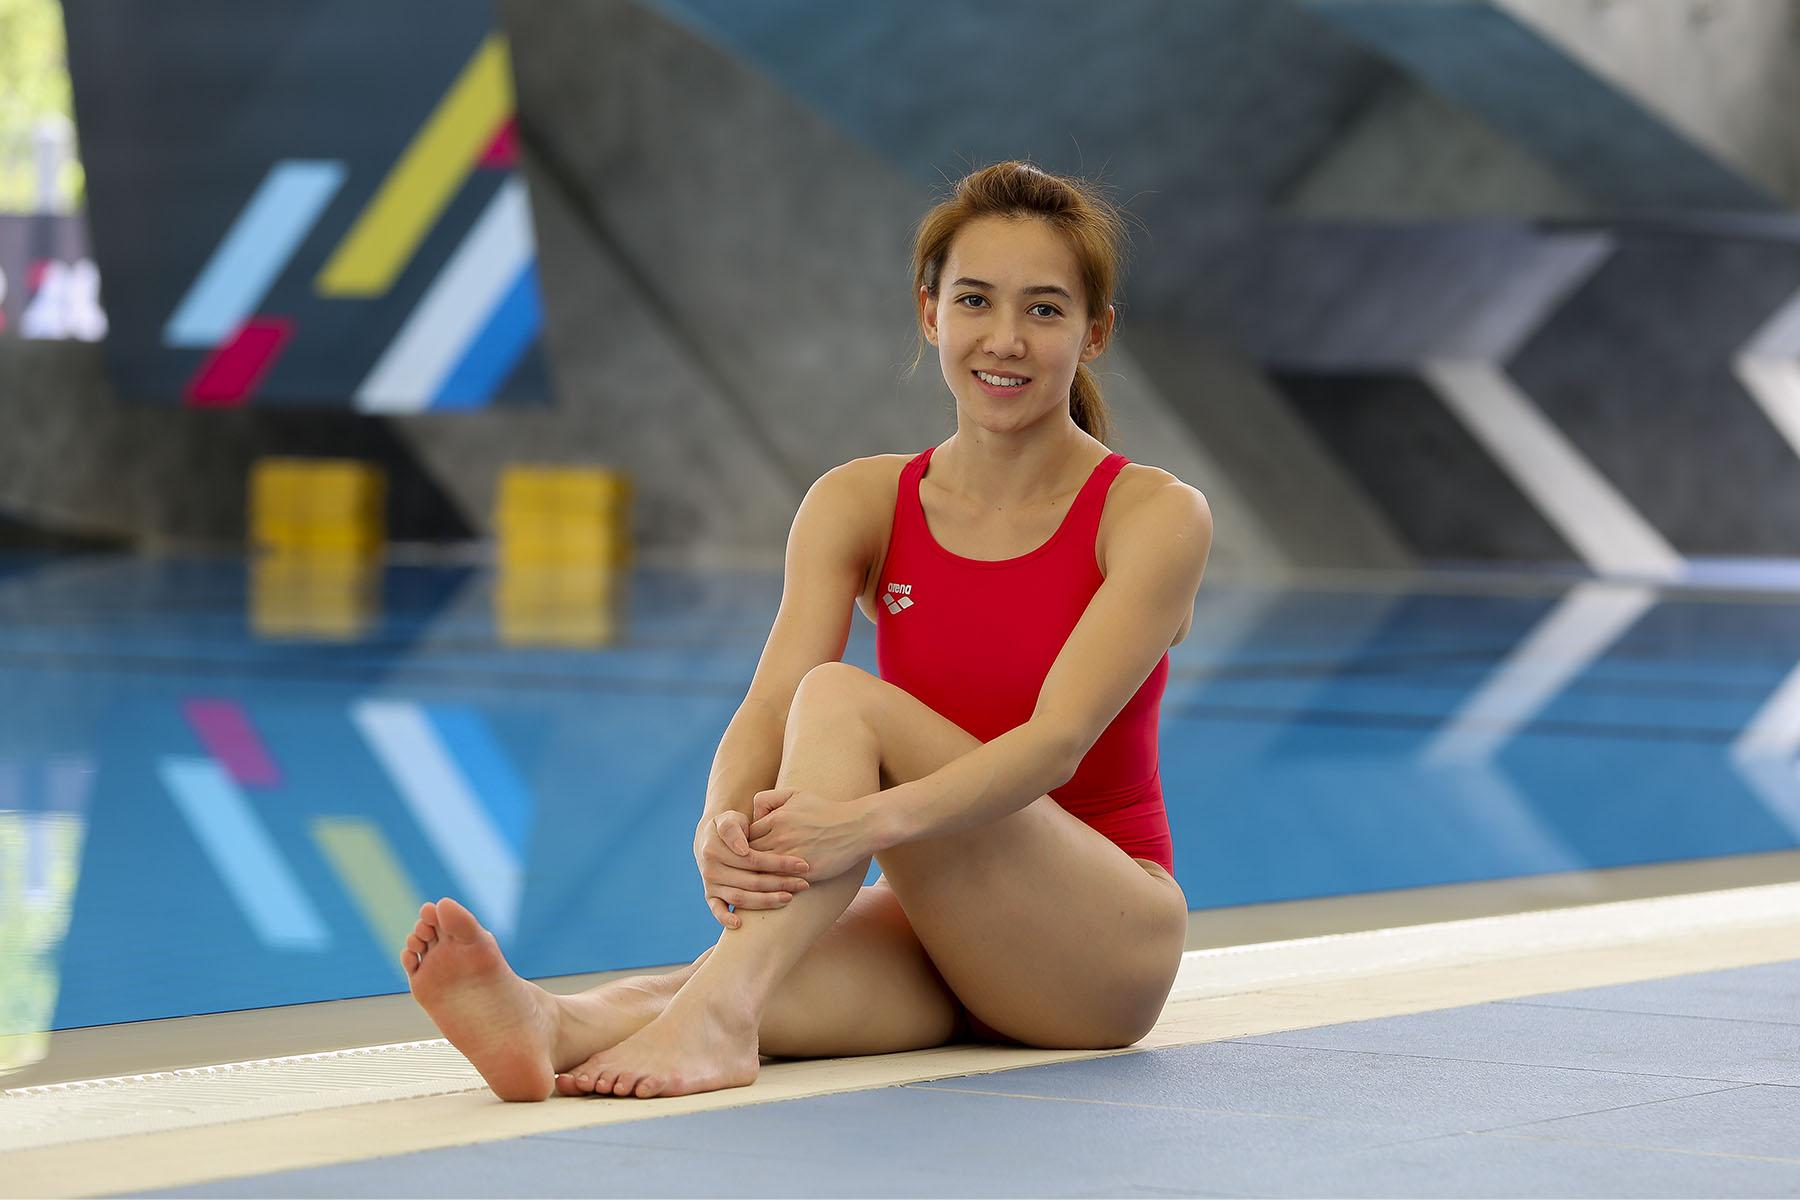 梁敏仪是唯一一位首批进入国家跳水队的运动员,并在这二十多年来坚持至今。-Yusof Mat Isa摄-